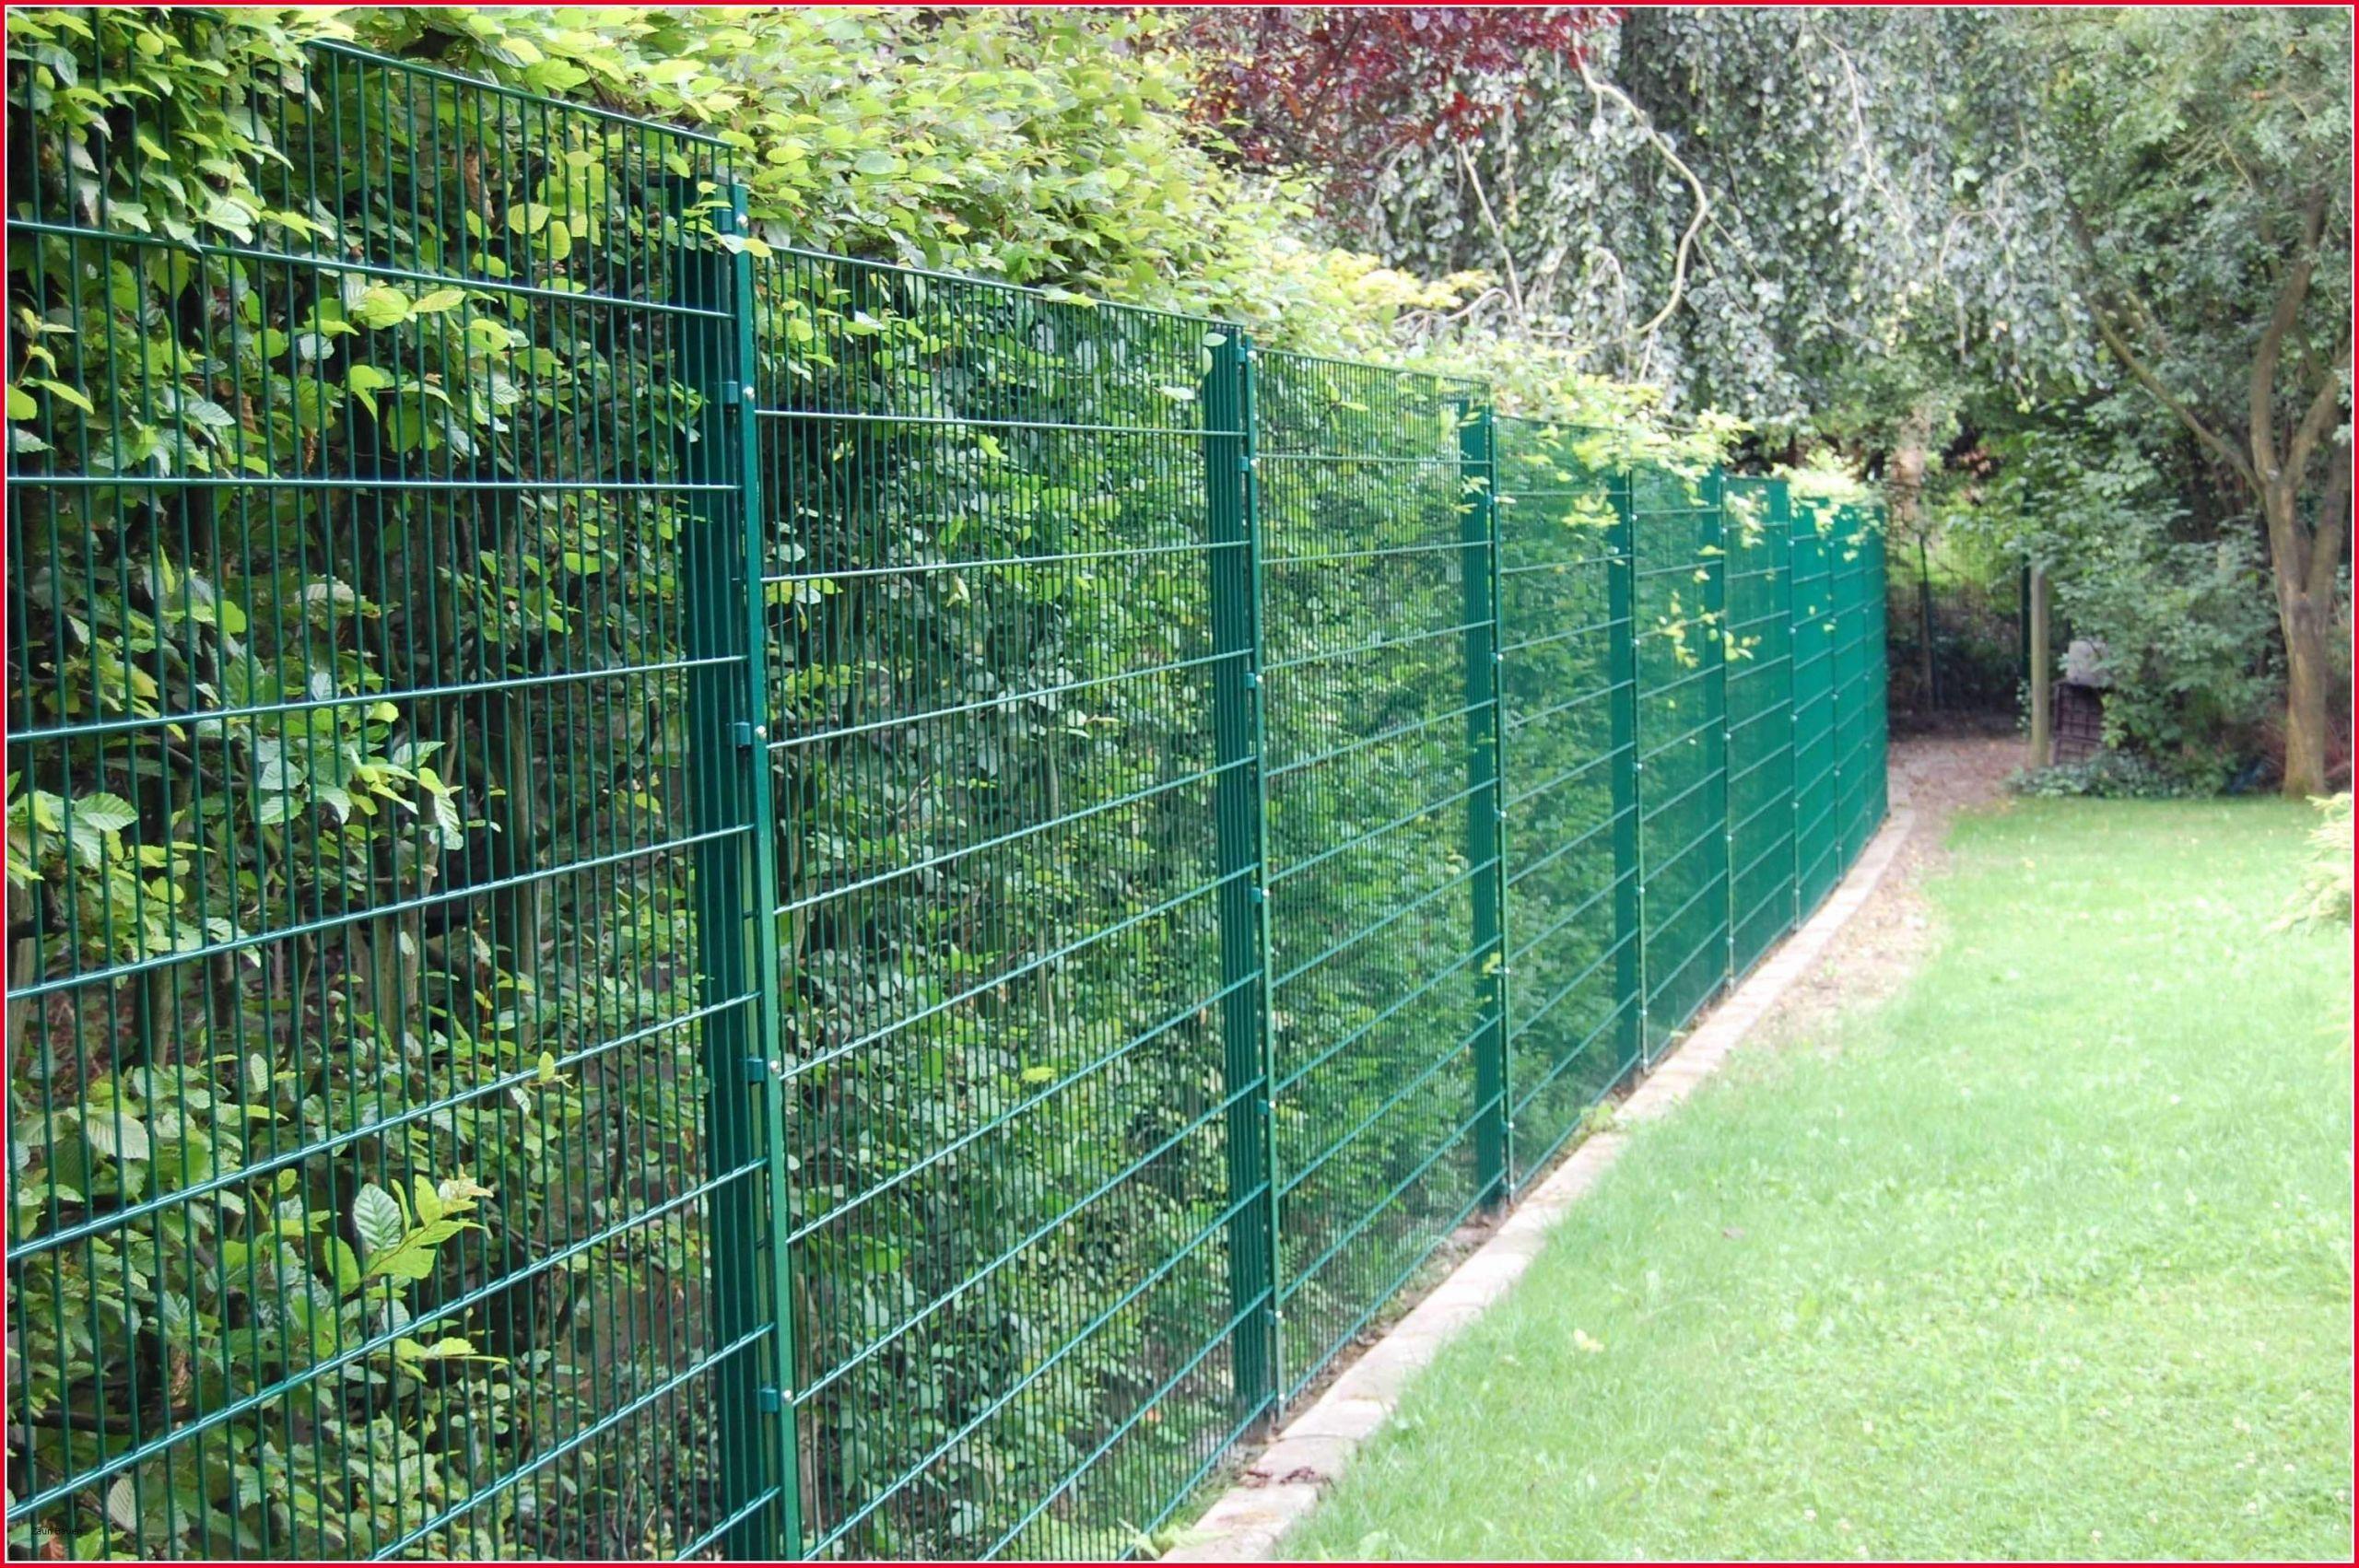 garten sichtschutz inspirierend zaun direkt garten ideas zaun garten zaun garten 0d garten of garten sichtschutz scaled